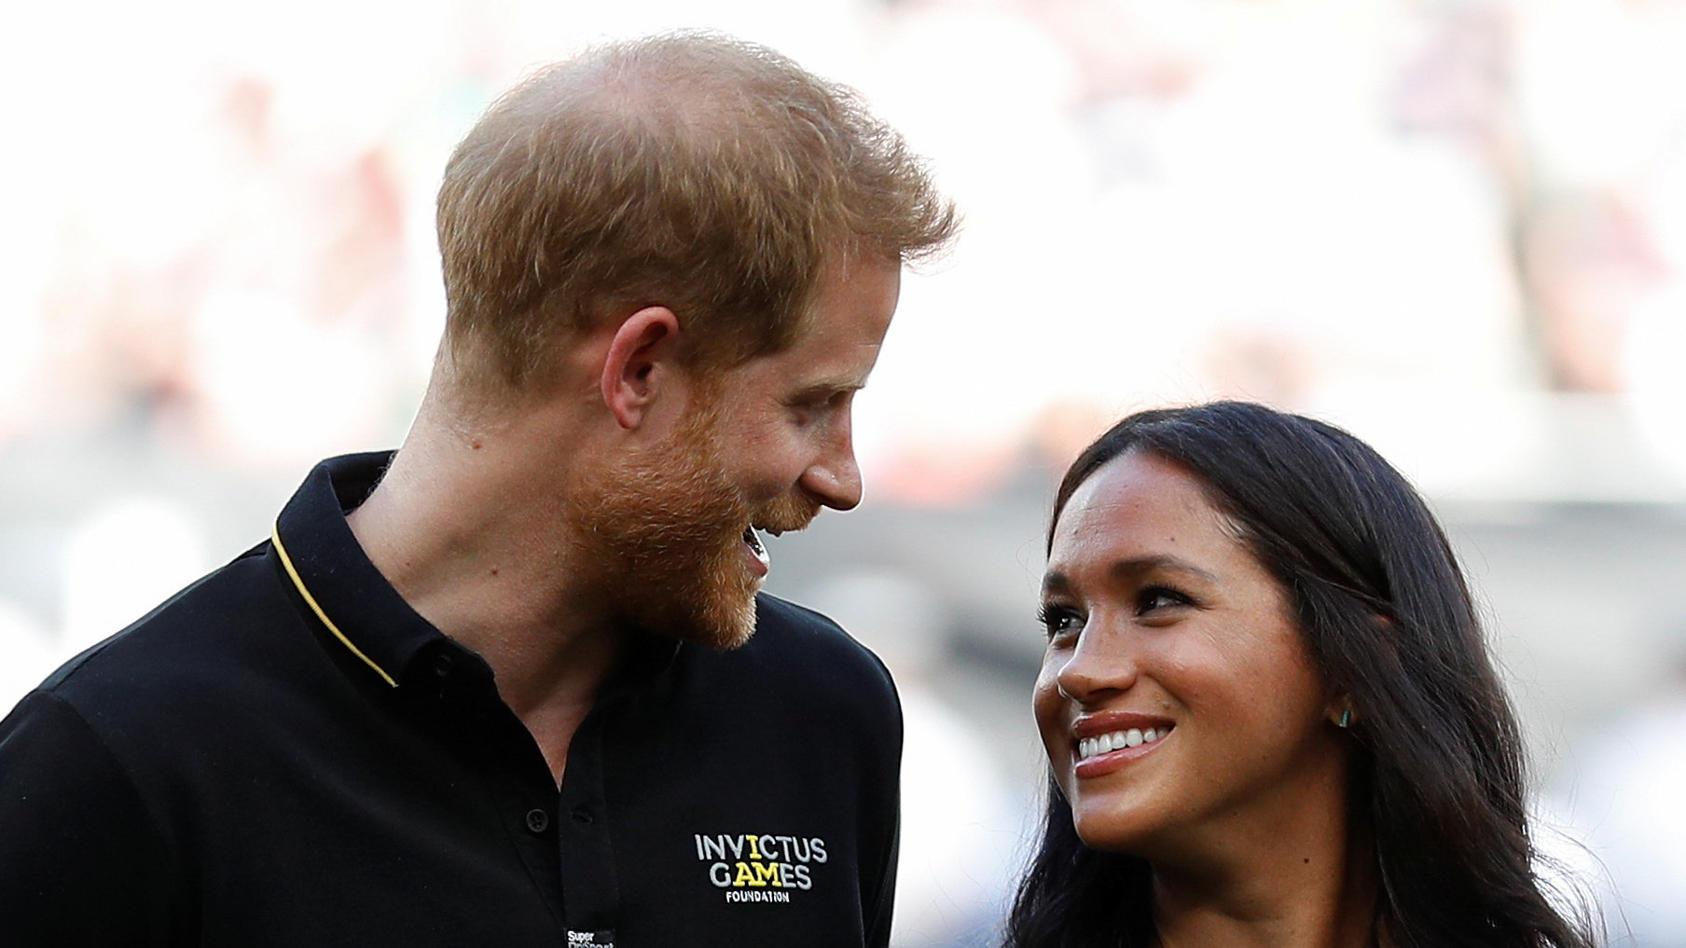 Prinz Harry und Herzogin Meghan haben wieder bewiesen, was sie für ein großes Herz haben.